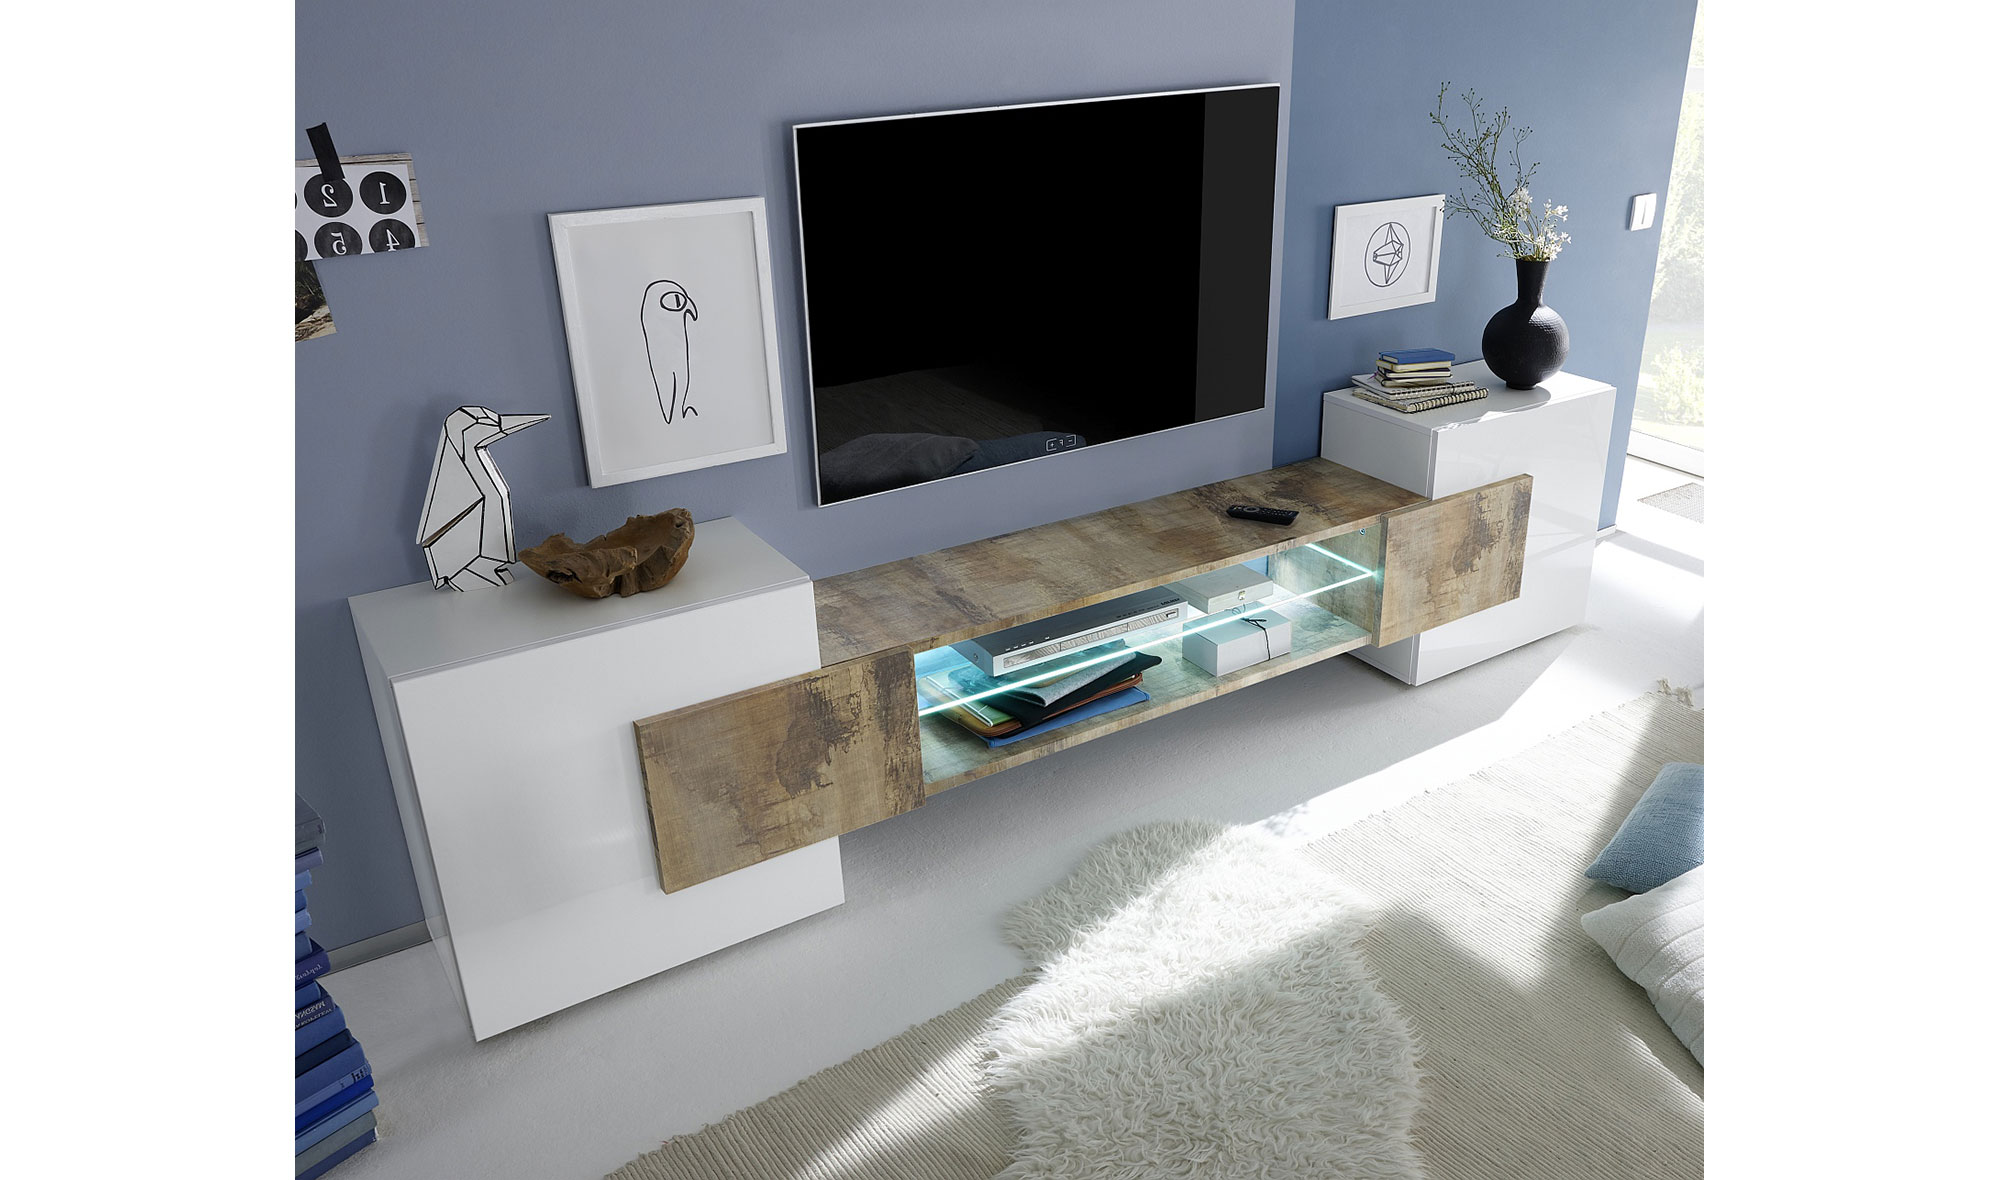 Mueble tv moderno vilta en cosas de arquitectoscosas de for Mueble tv moderno